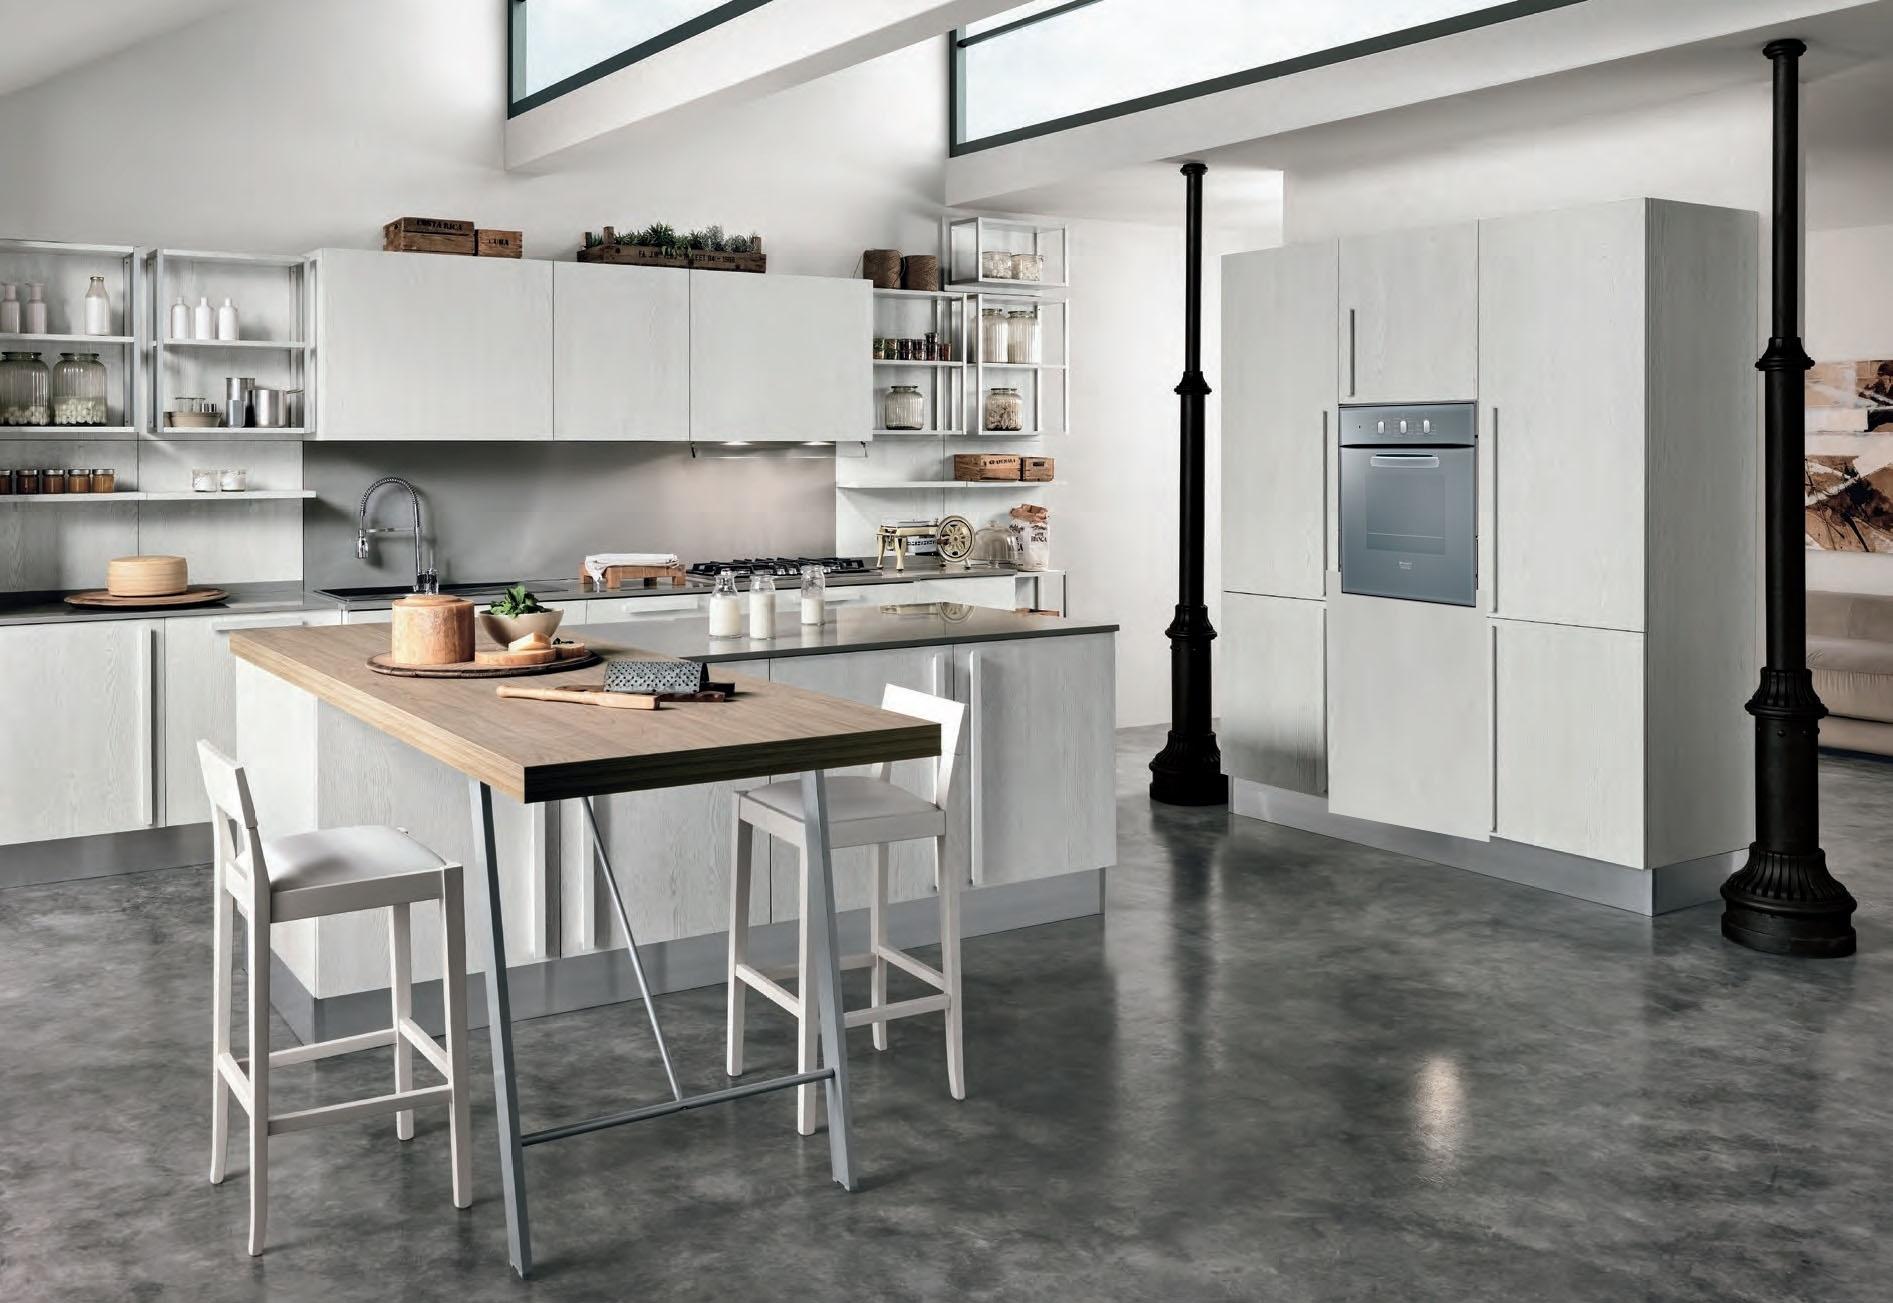 Cucina come foto in offerta con isola outlet nuovimondi for Arredamento outlet